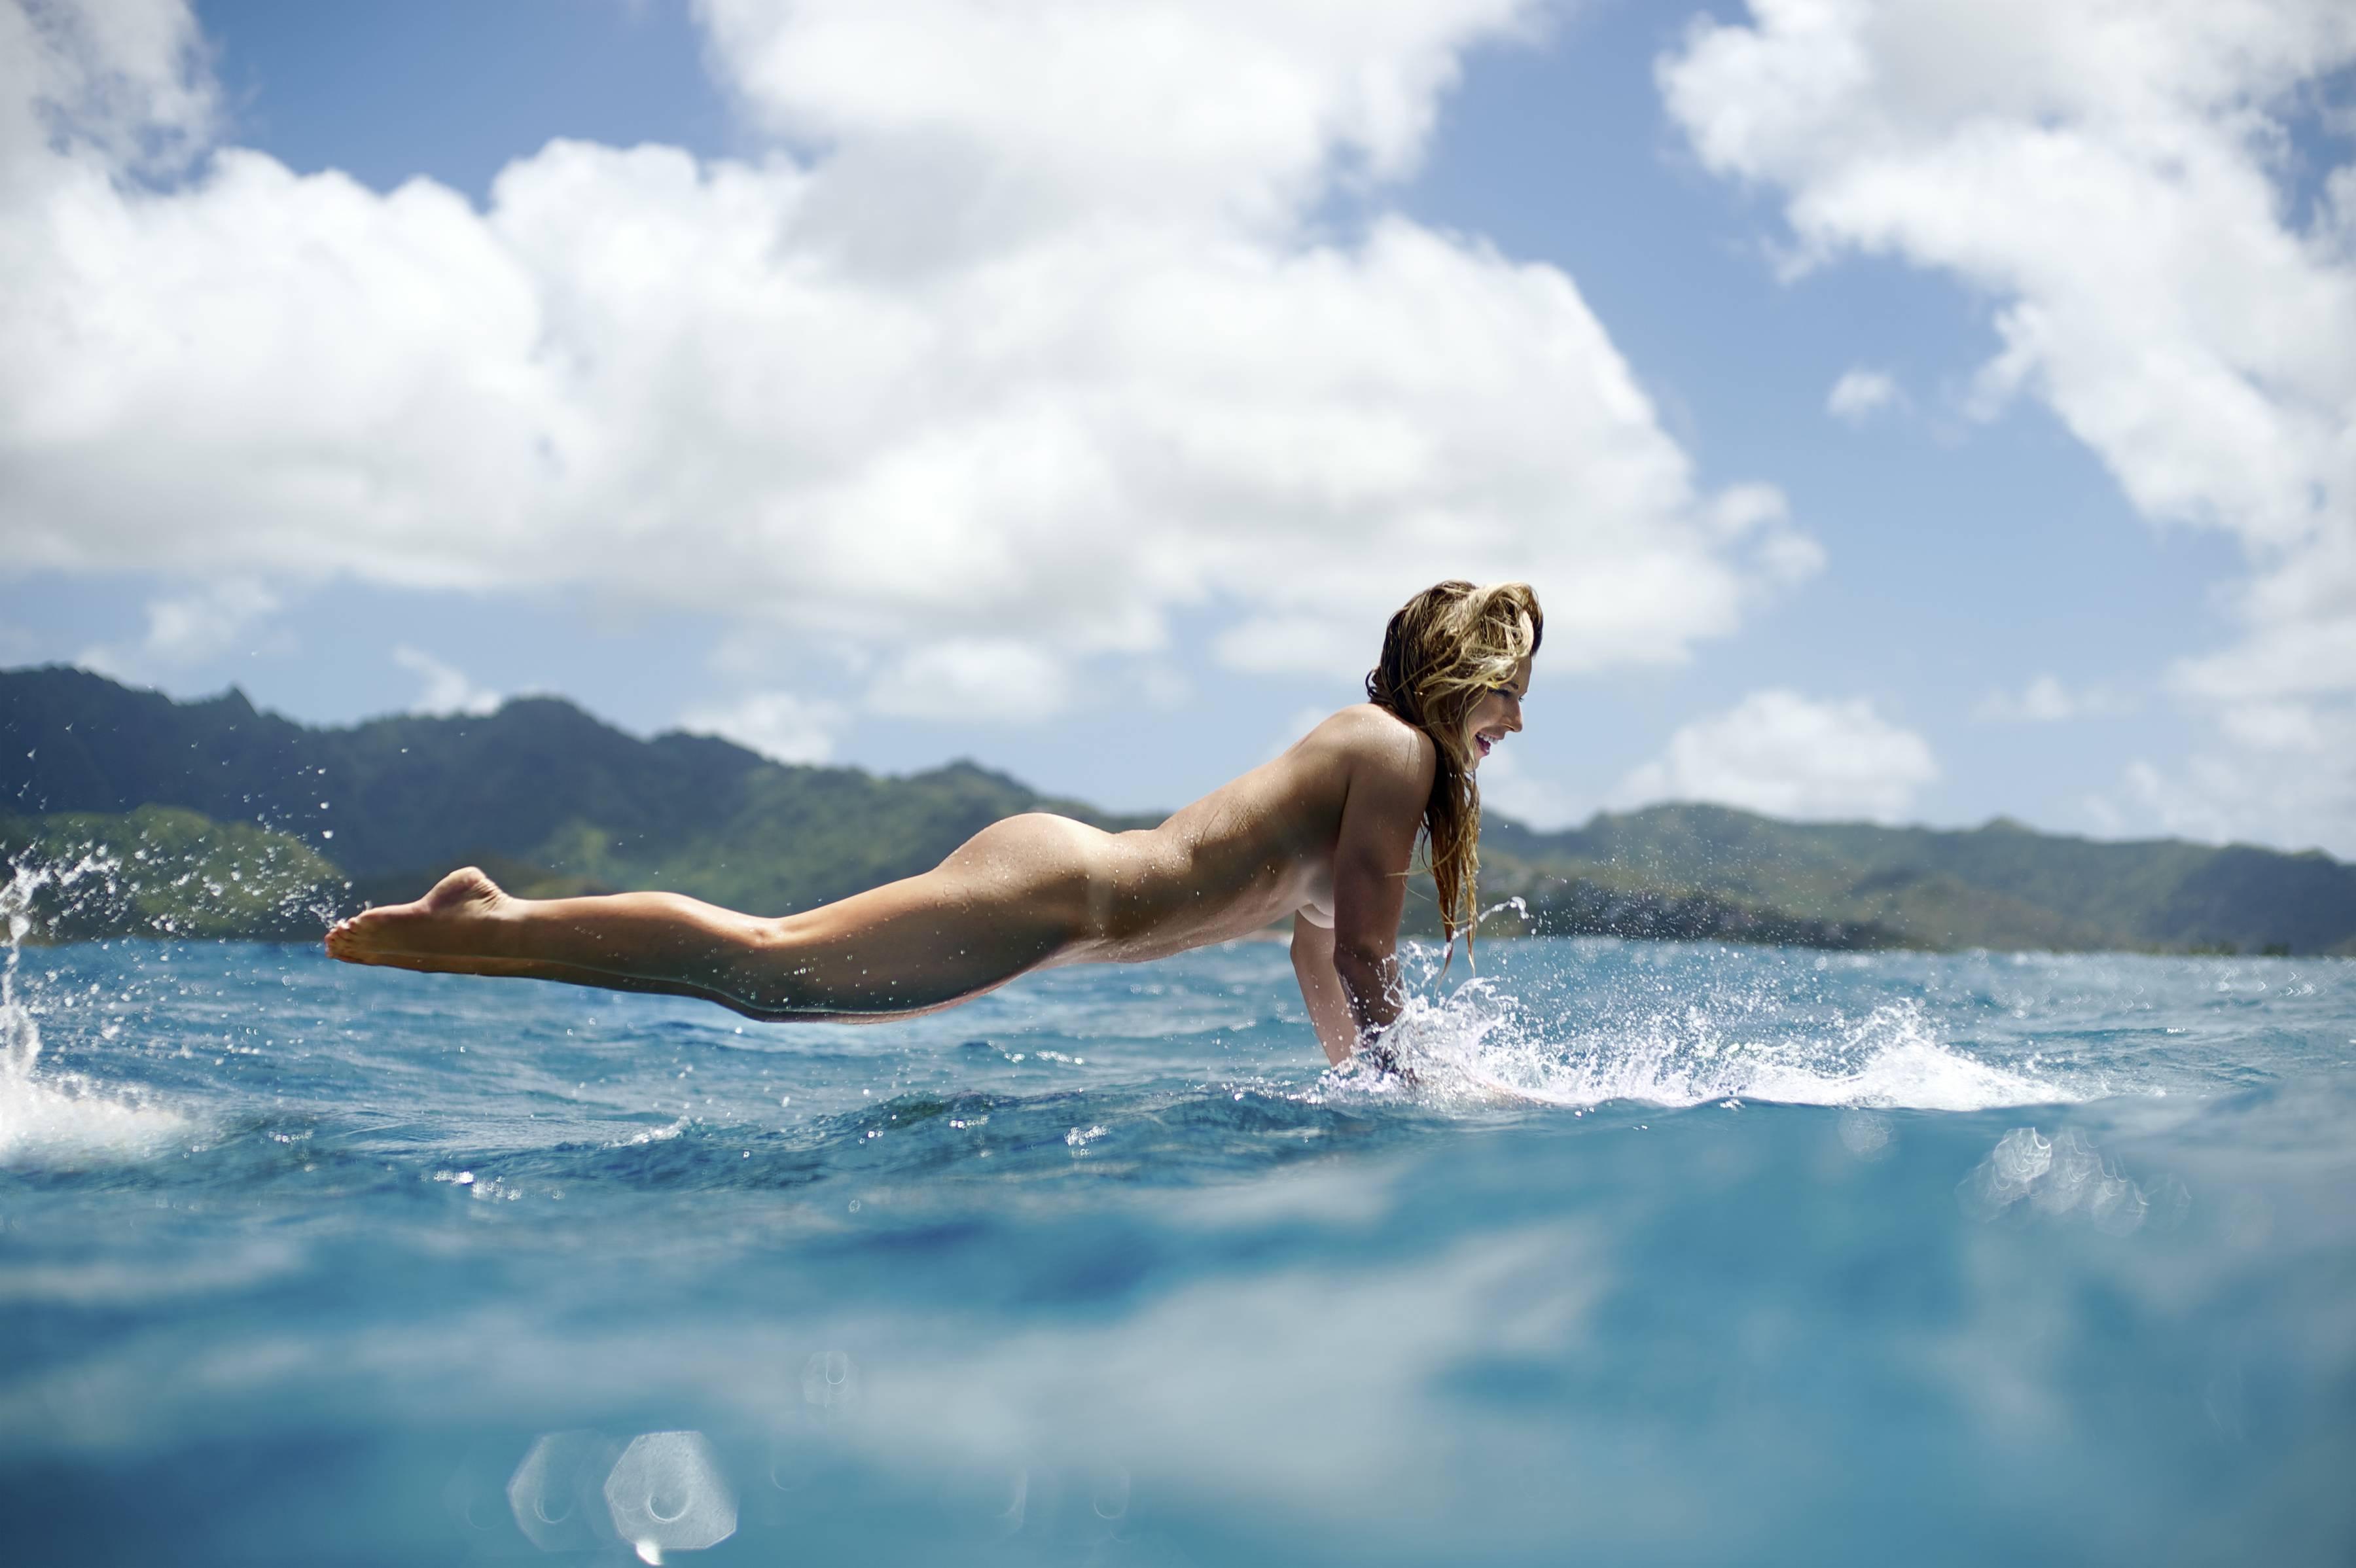 Hawaiian Surfer Coco Ho Via R Nsfwsport